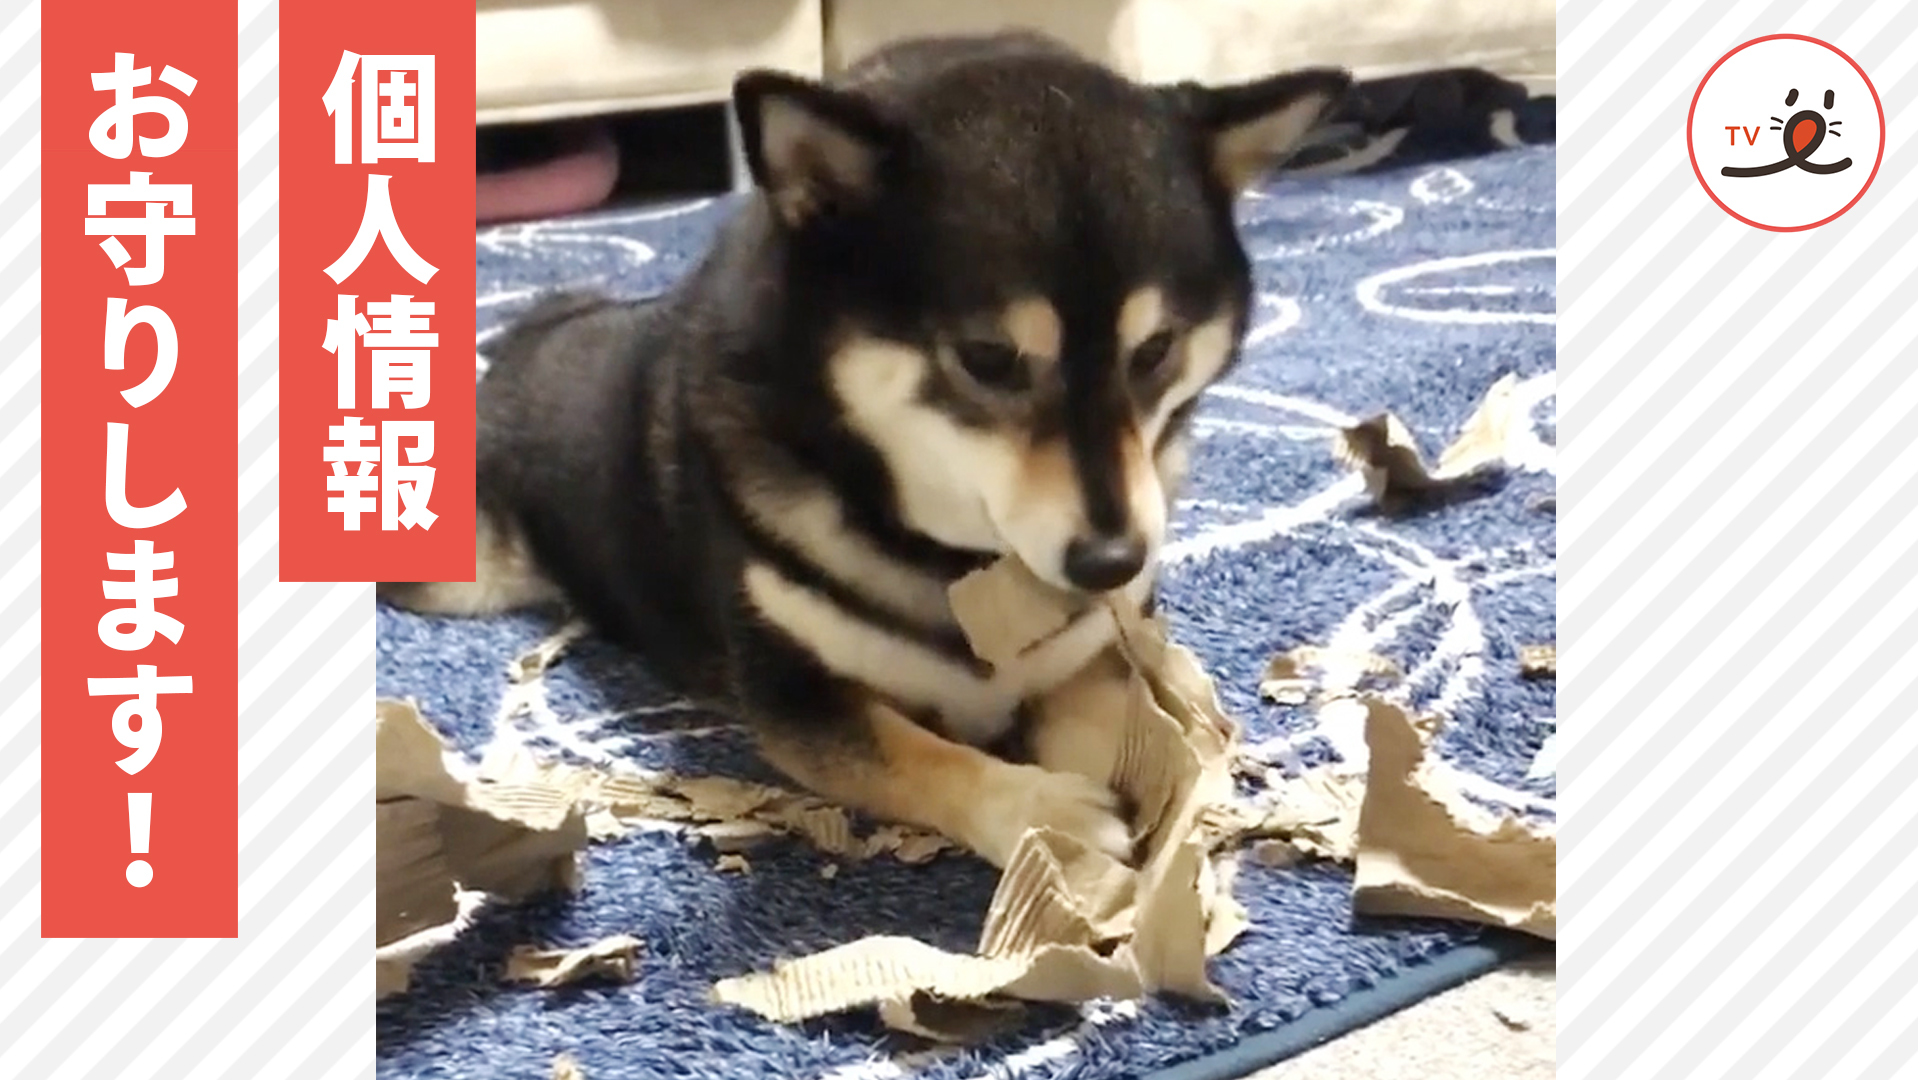 「秘密は守ります!」 柴犬シュレッダーで個人情報は抹消🐕✨